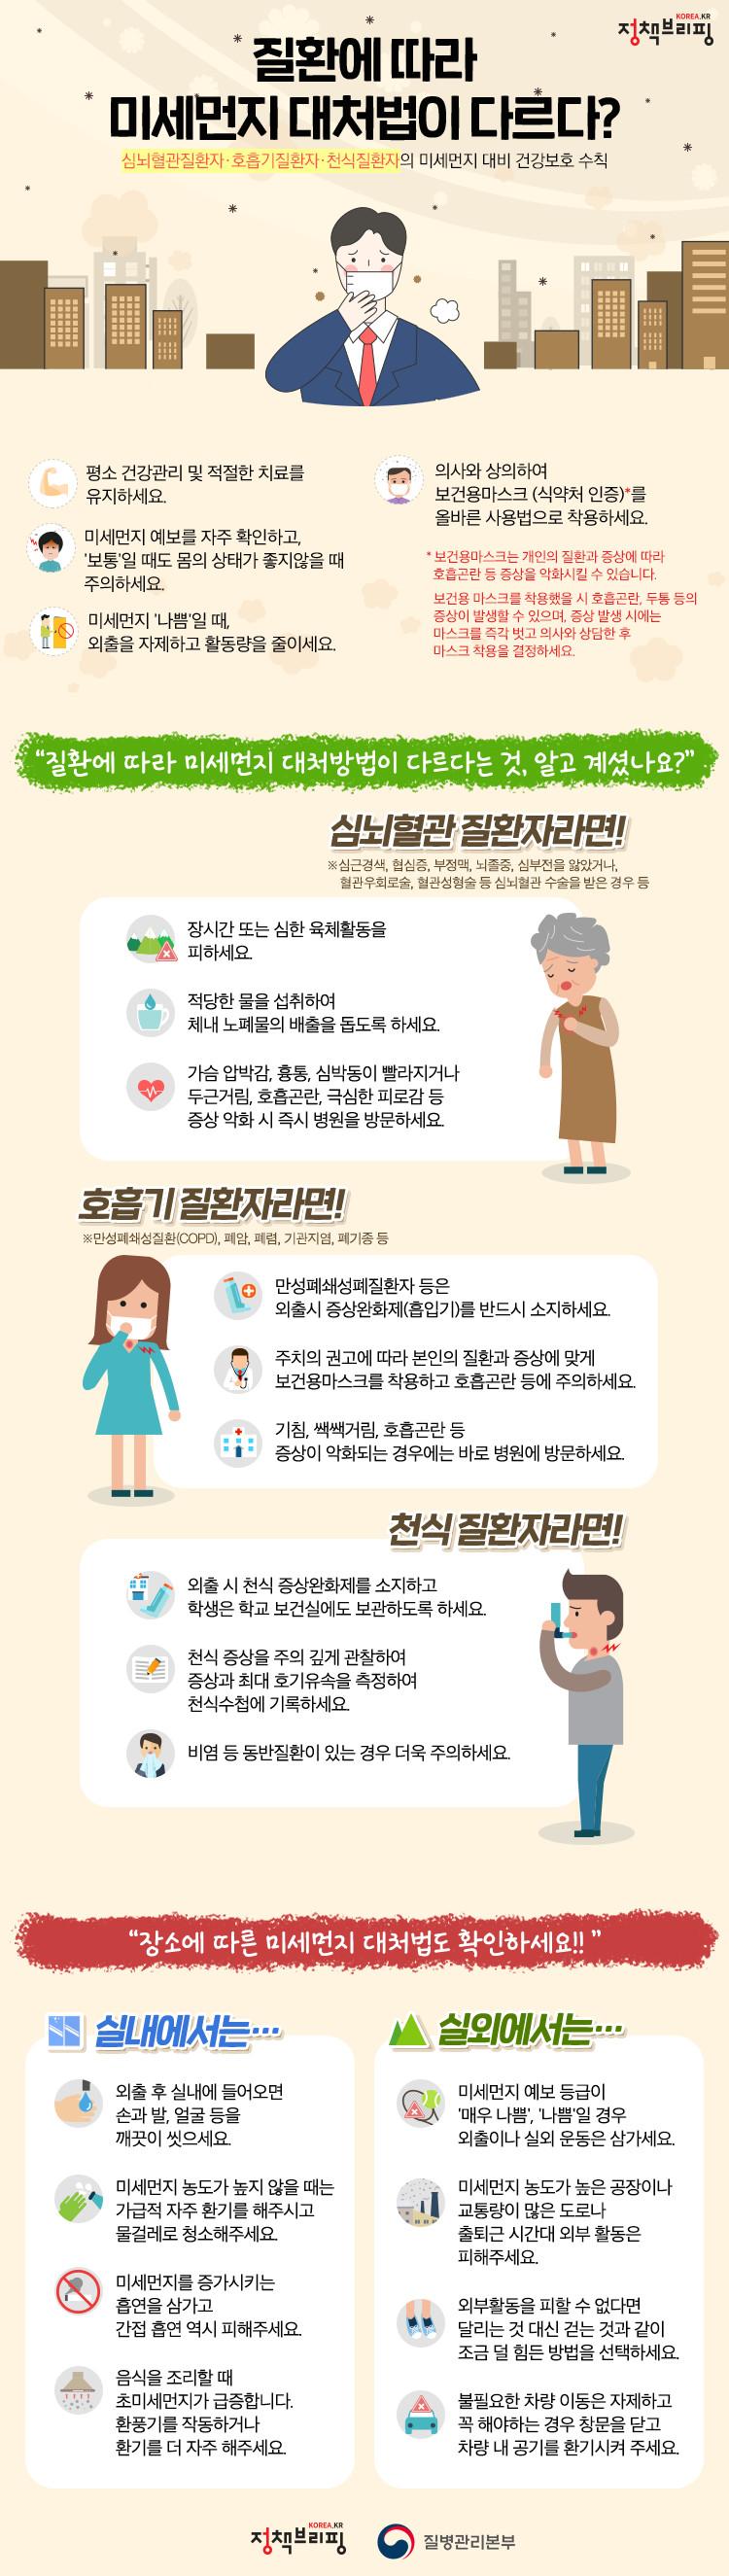 미세먼지 건강 수칙